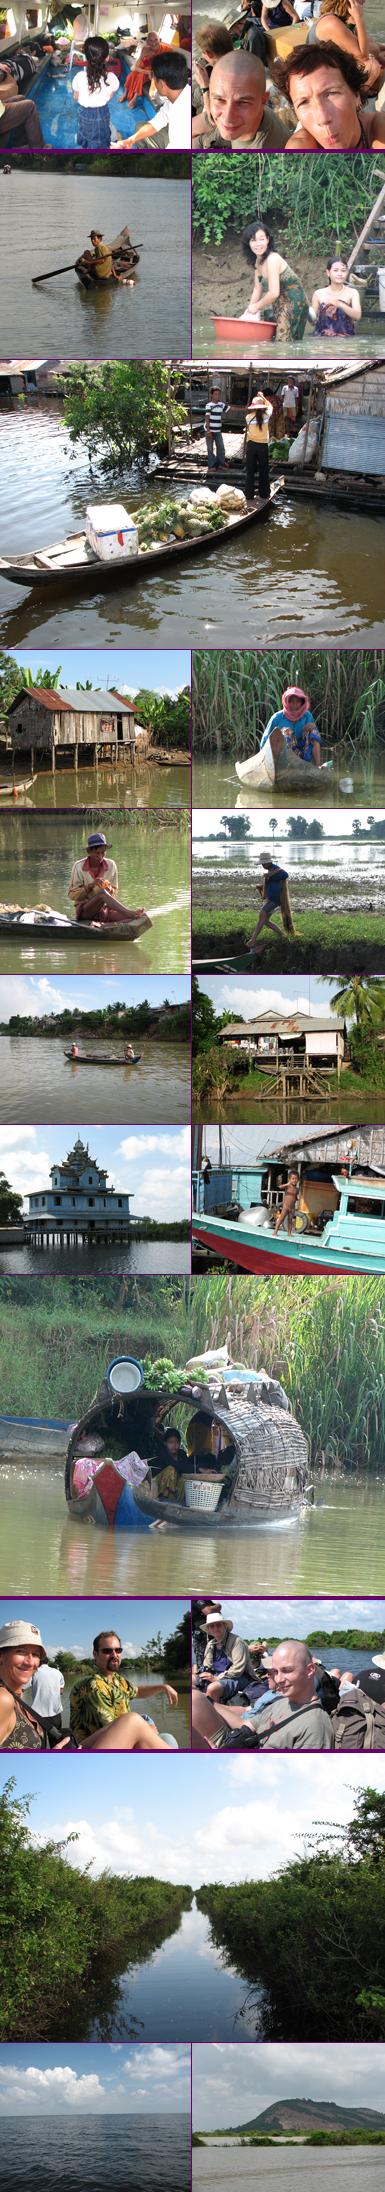 Cambodja - met de boot van Battambang naar Siem Reap